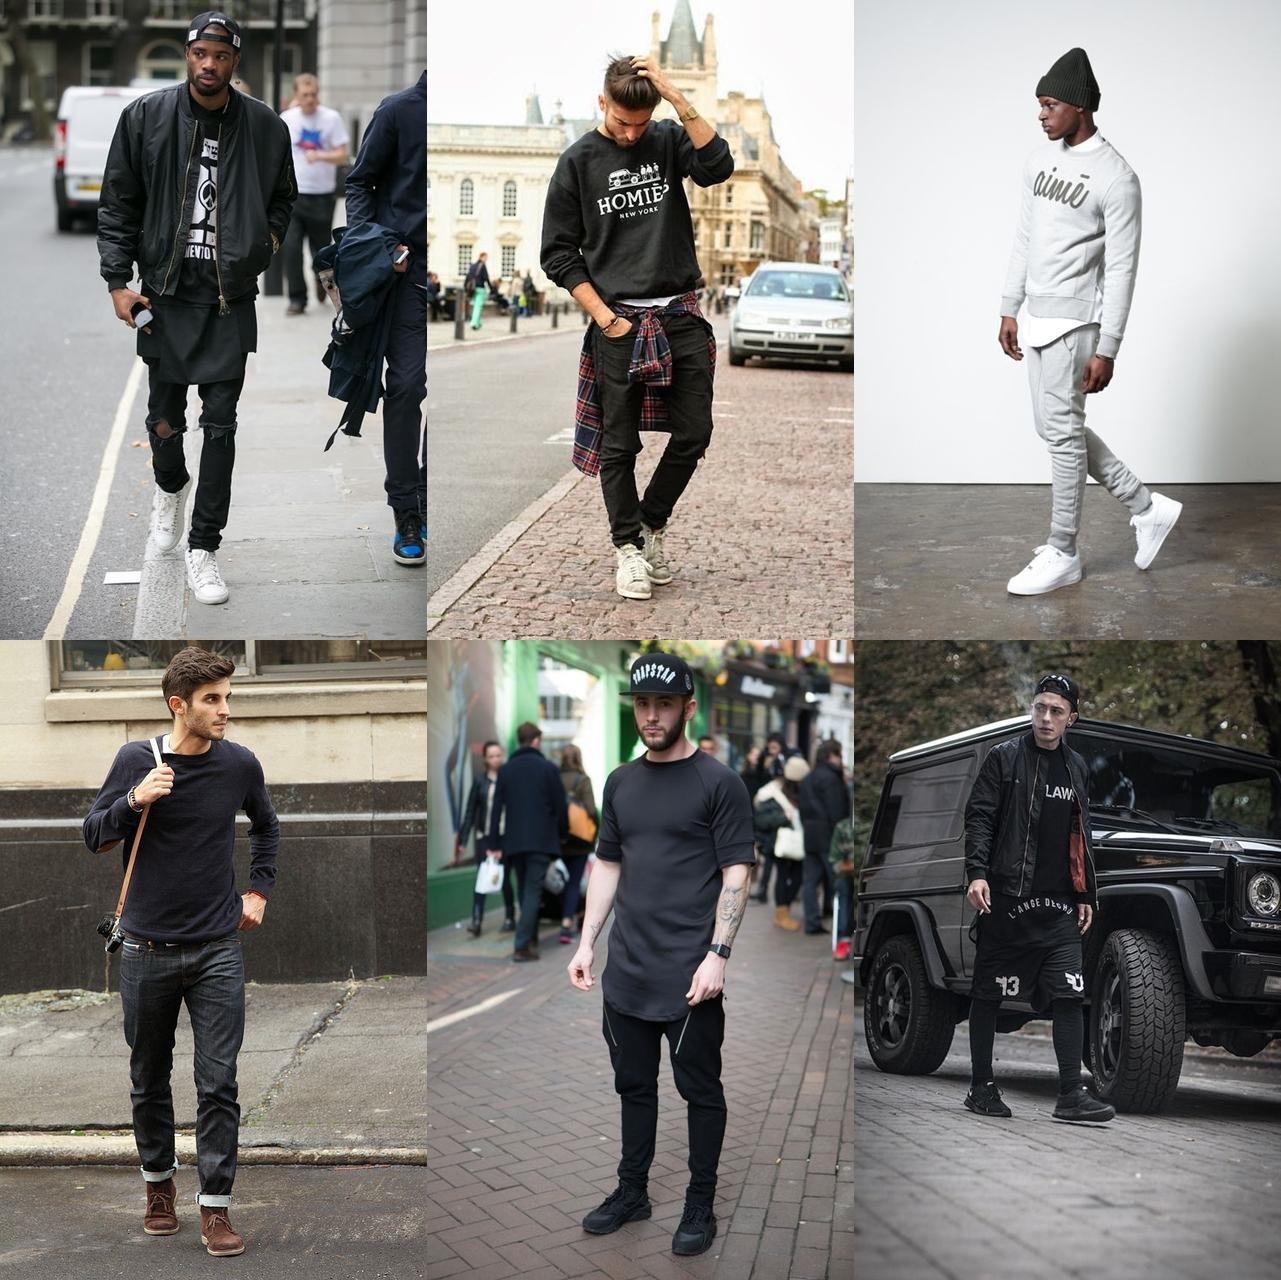 moda esportiva, esporte casual, jaqueta esportiva, moda masculina, alex cursino, blog de moda, blogger, moda sem censura, menswear, style, ootd, outfit, como ter estilo, 6